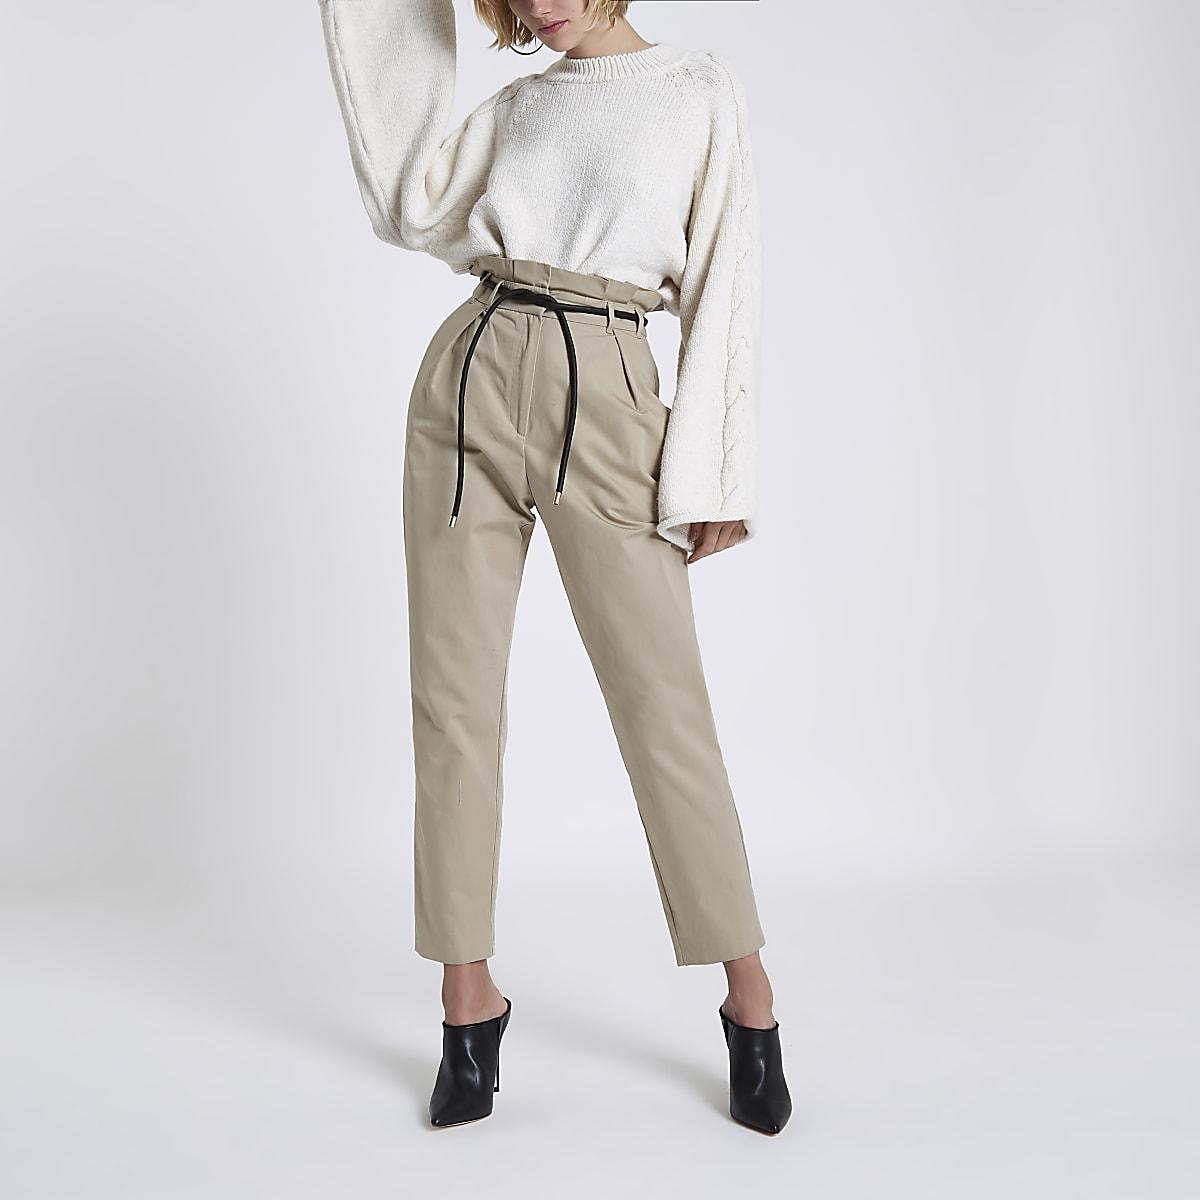 Beige broek met geplooide taille en toelopende pijpen